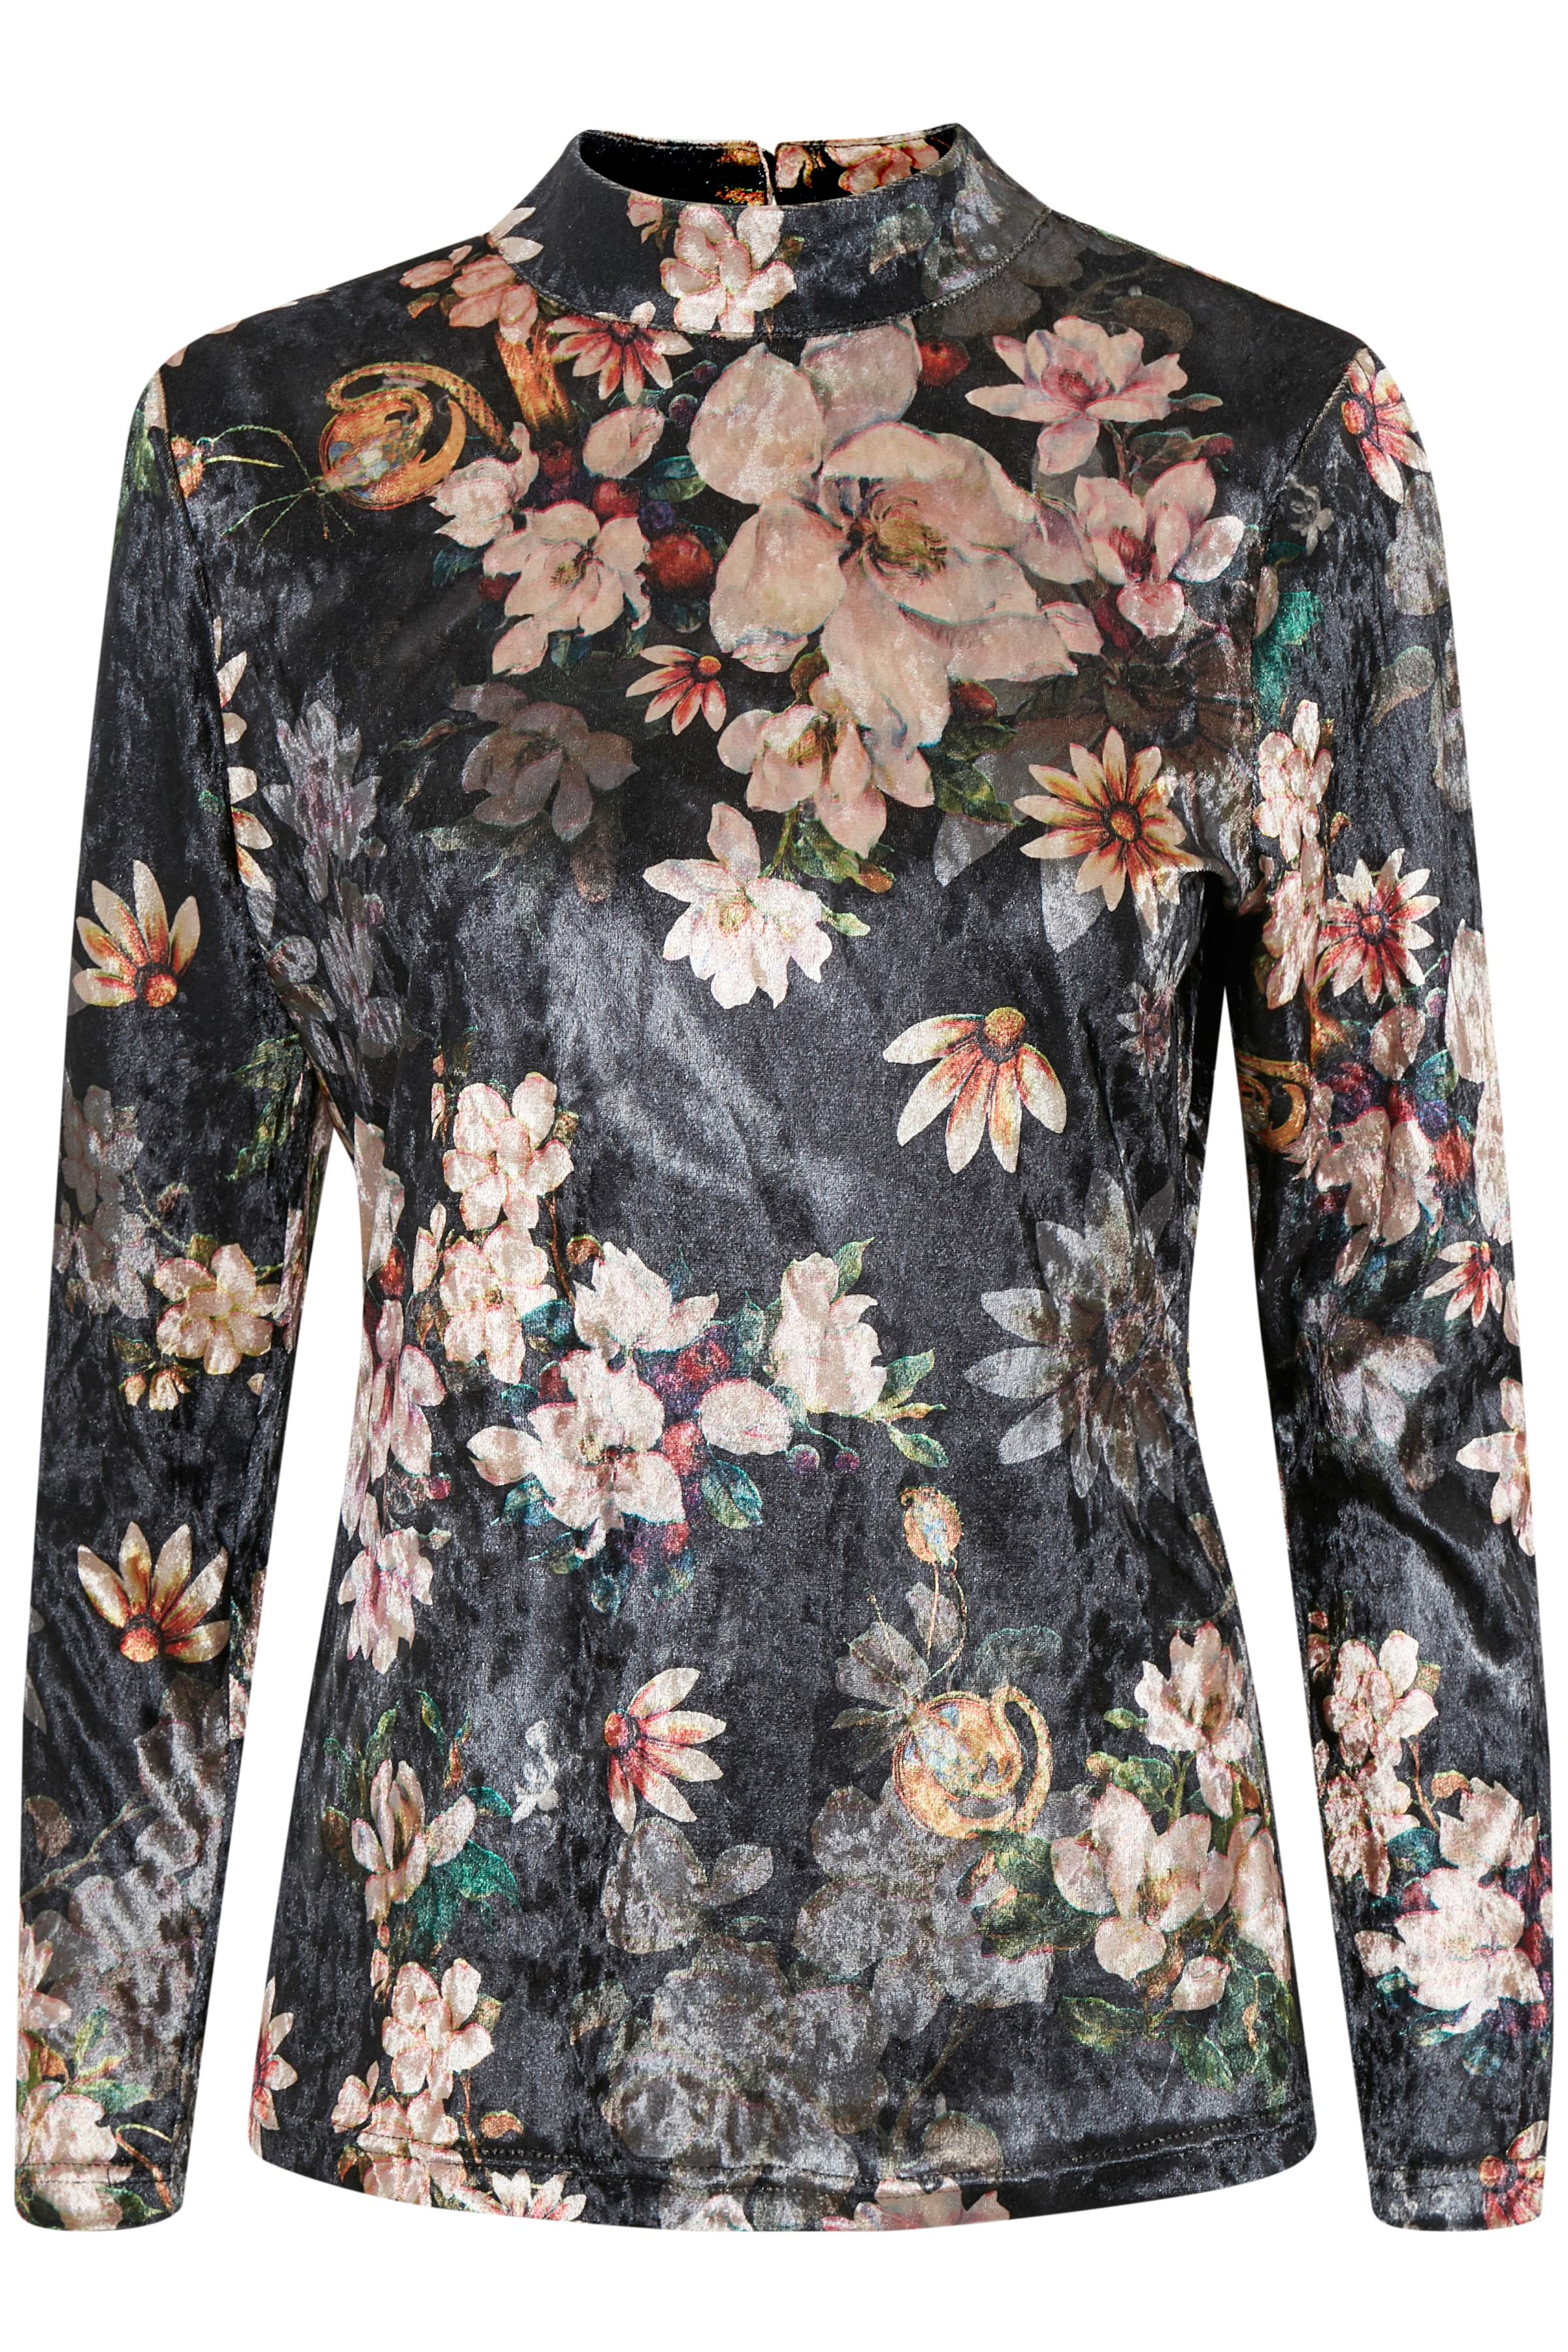 Schwarz/rosa Langarm-Bluse von Kaffe – Shoppen Sie Schwarz/rosa Langarm-Bluse ab Gr. XS-XXL hier